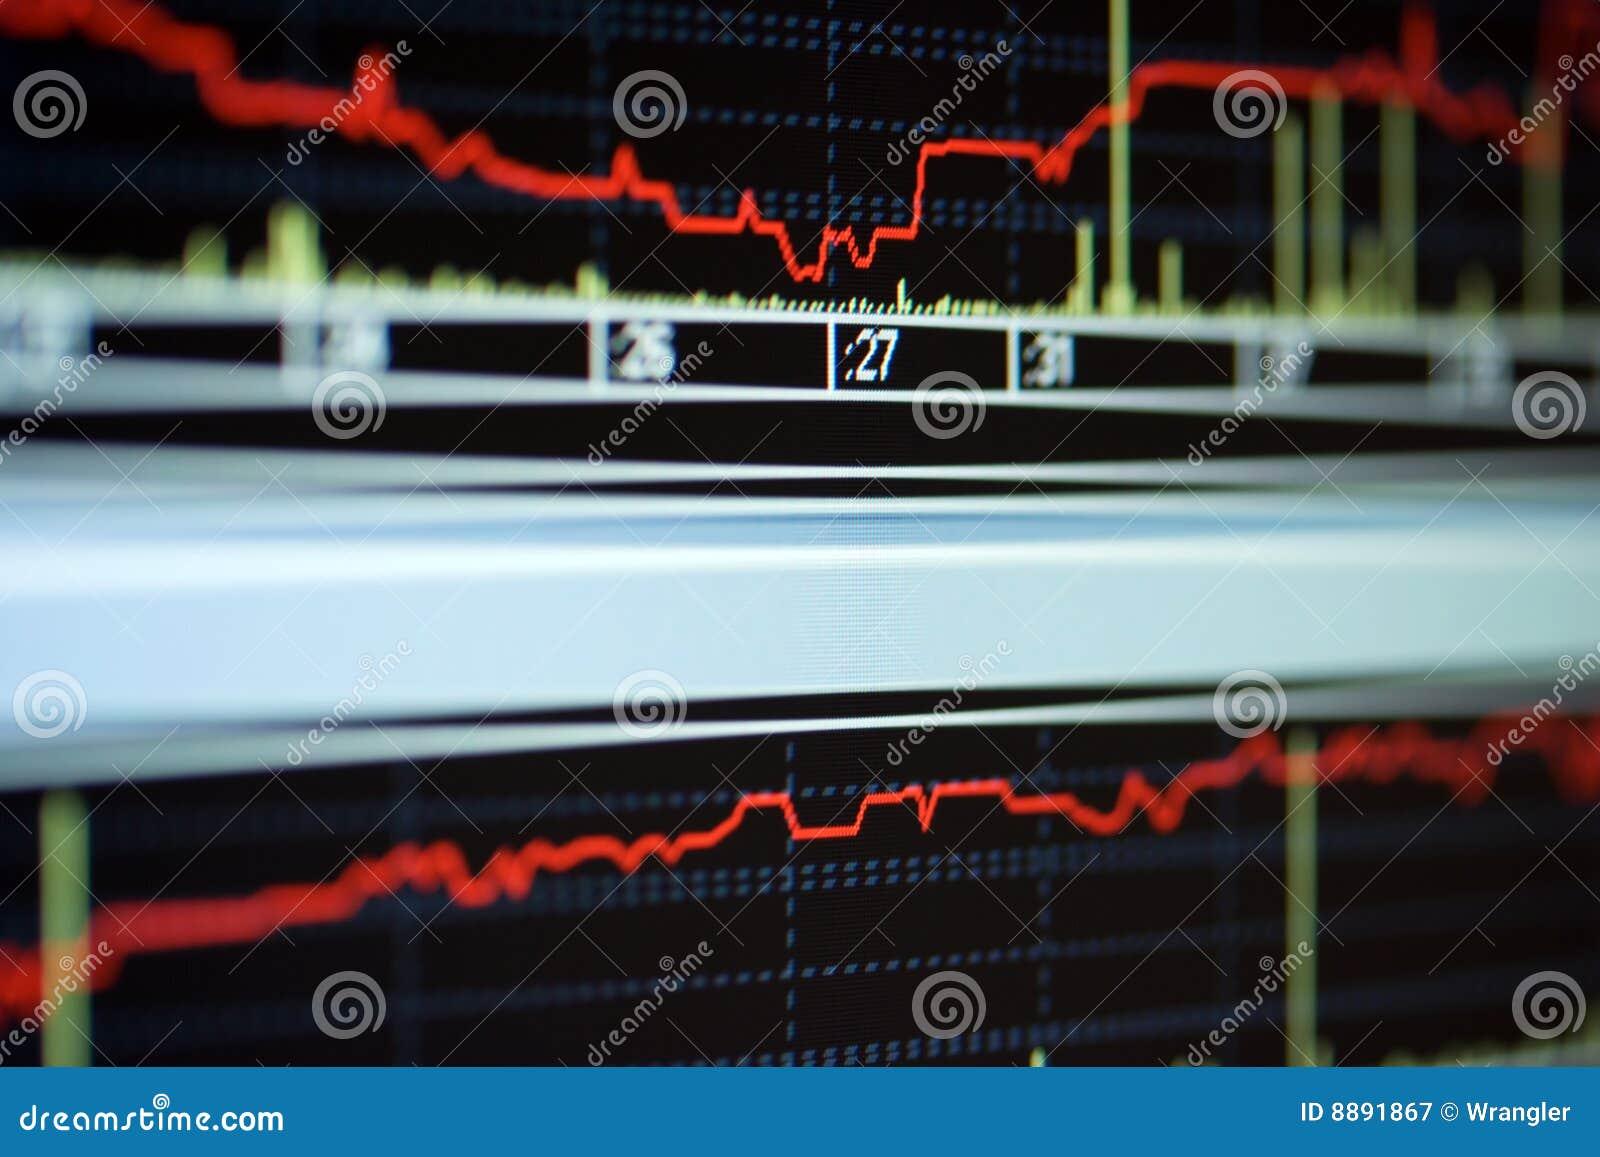 Dinámica del índice de existencias.